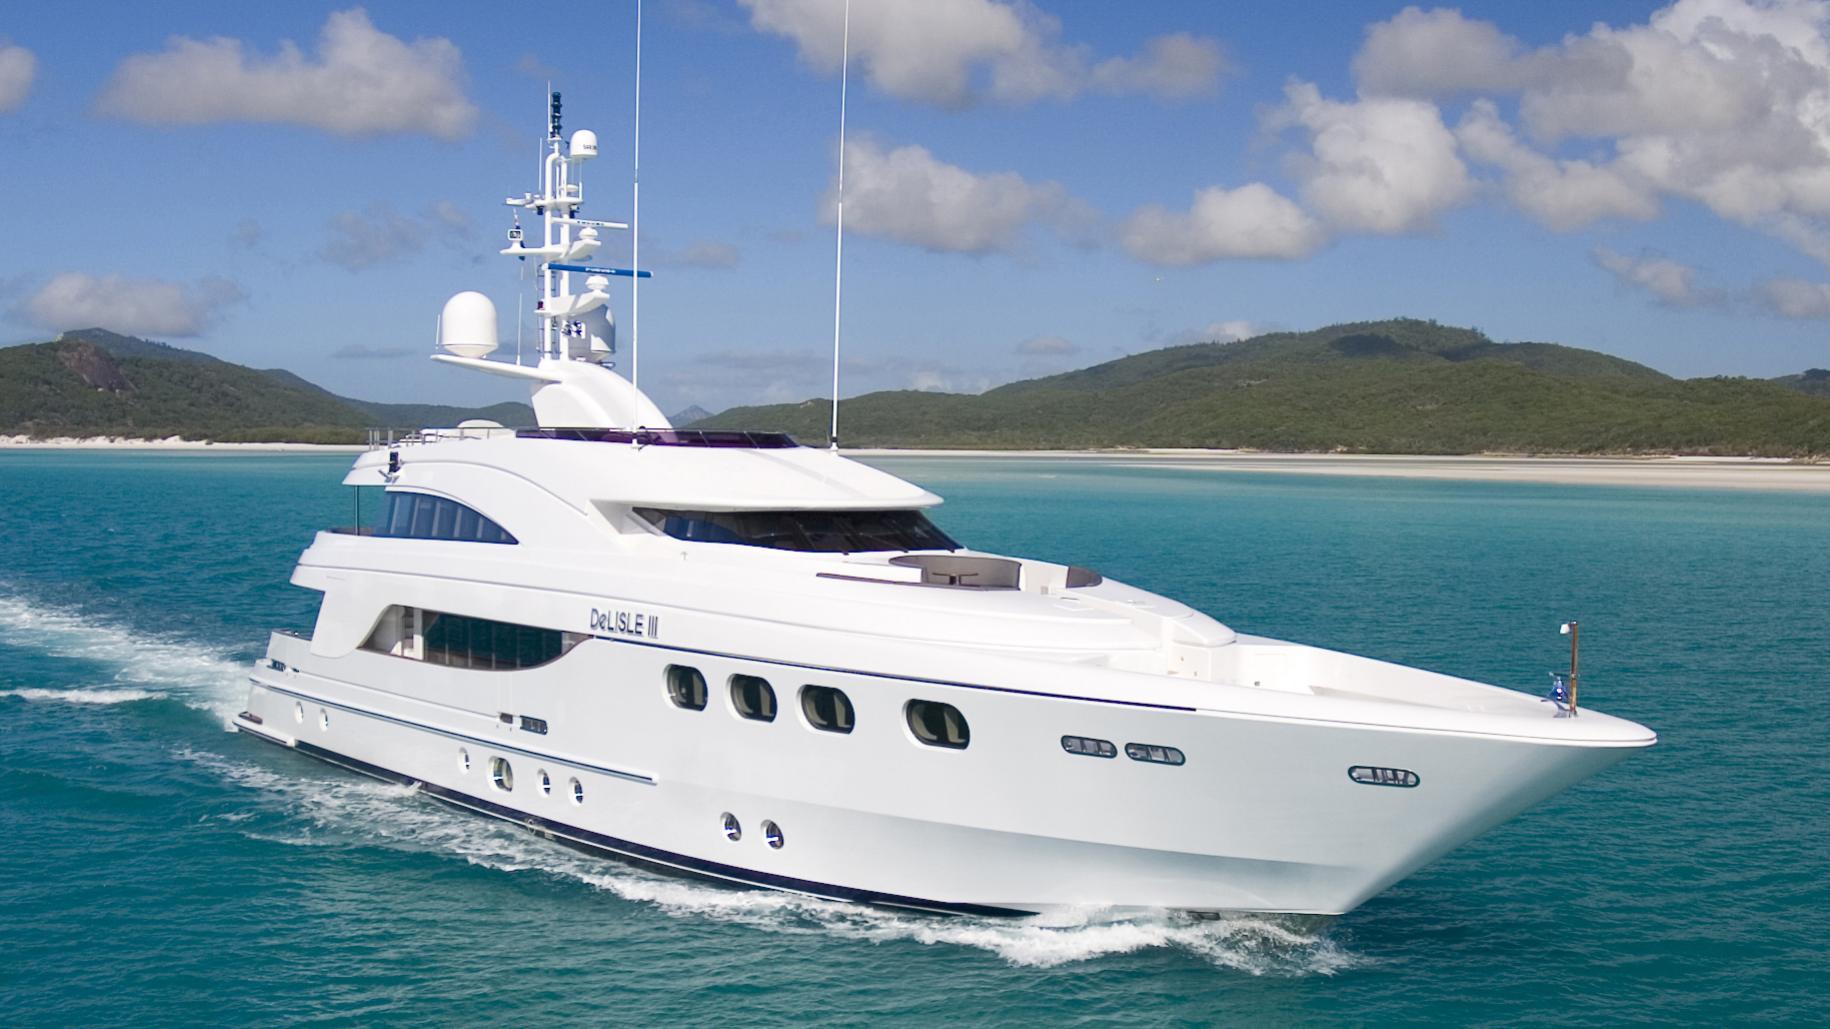 delise-III-yacht-cruising